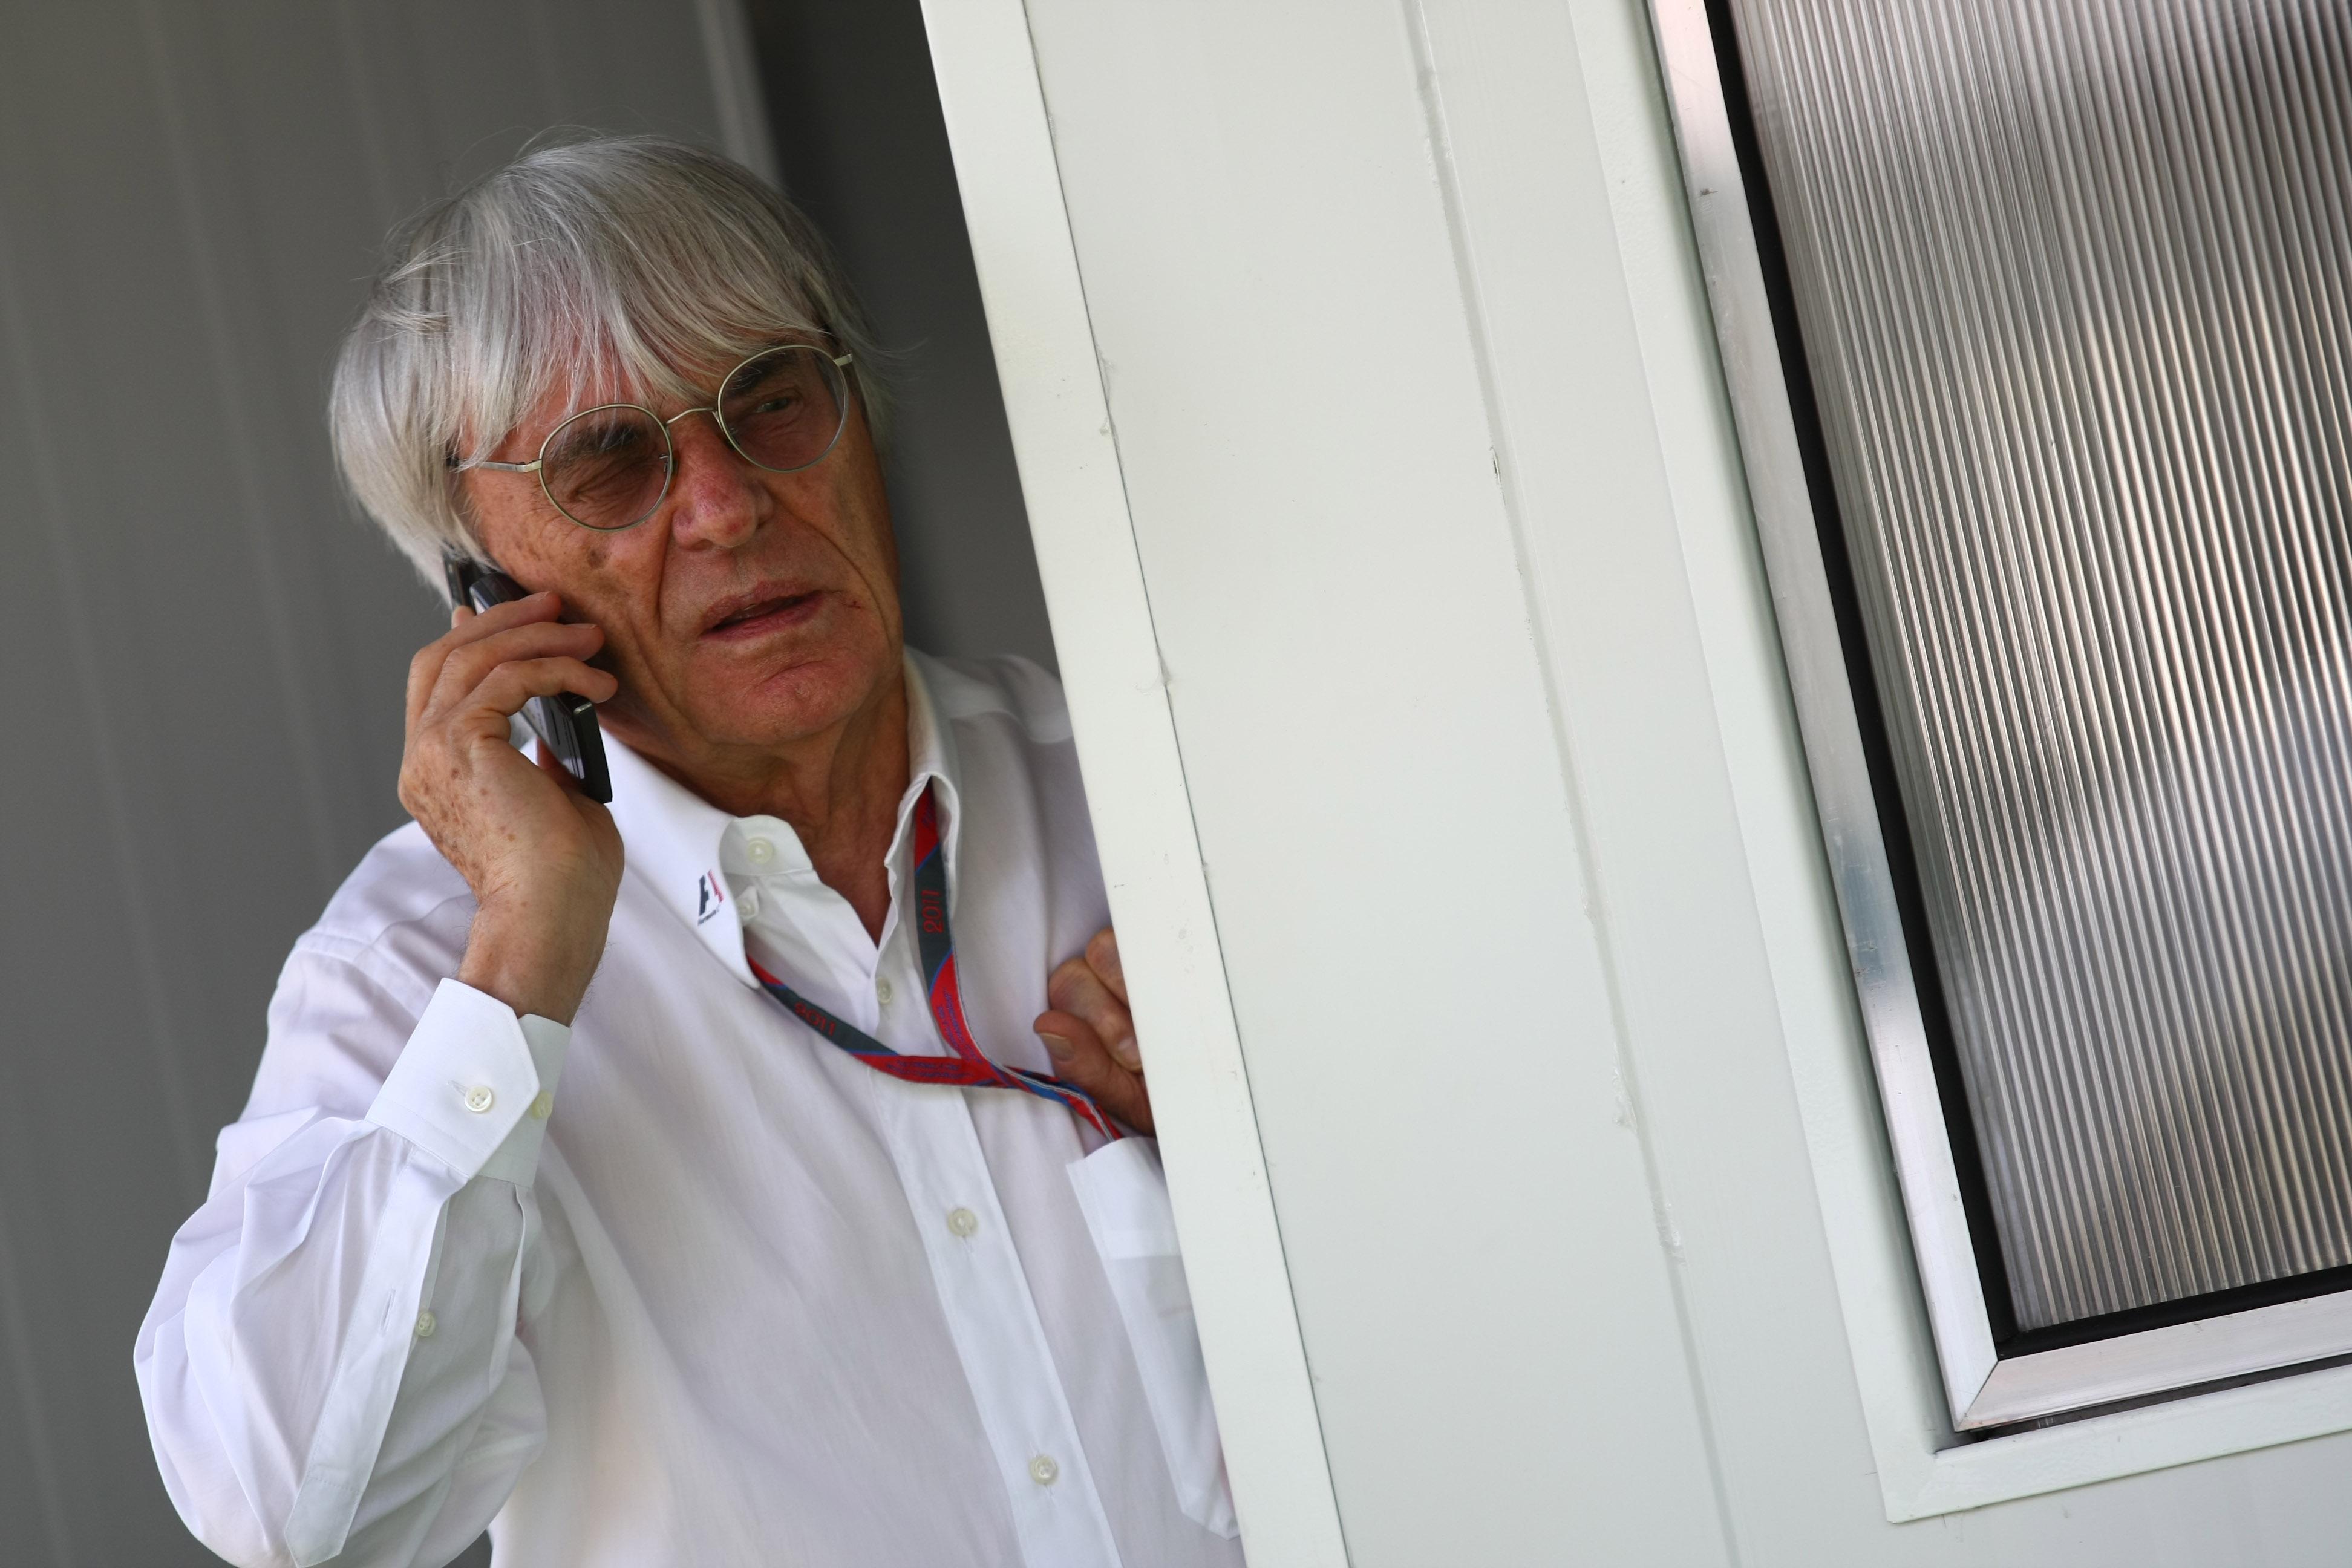 Vragenvuur: Bernie Ecclestone over GP Austin